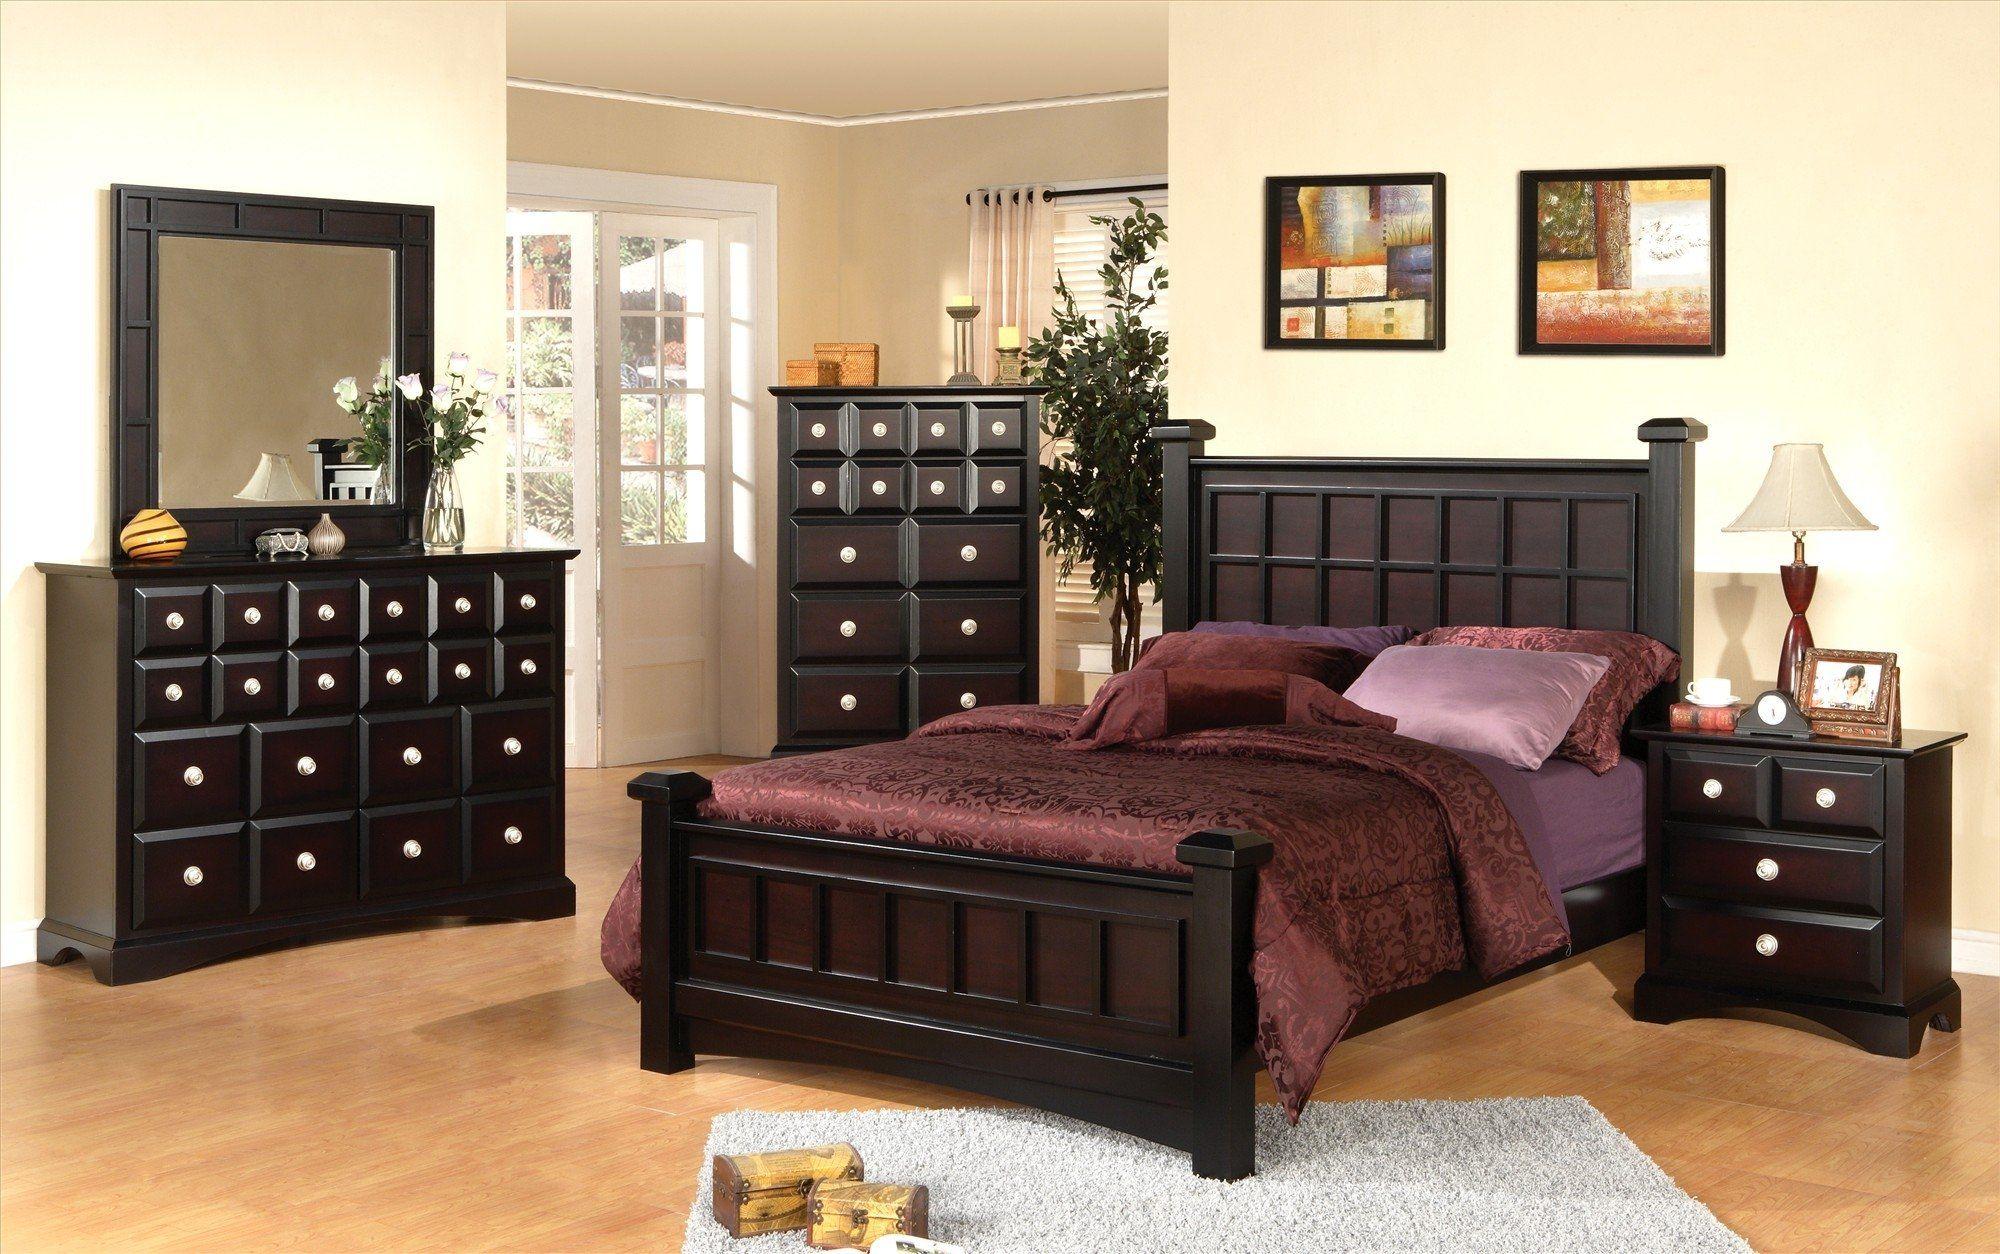 black wood bedroom furniture. Delighful Furniture Double Bedroom Furniture Sets Raya Rent Online Alexa Set And Black Wood Bedroom Furniture